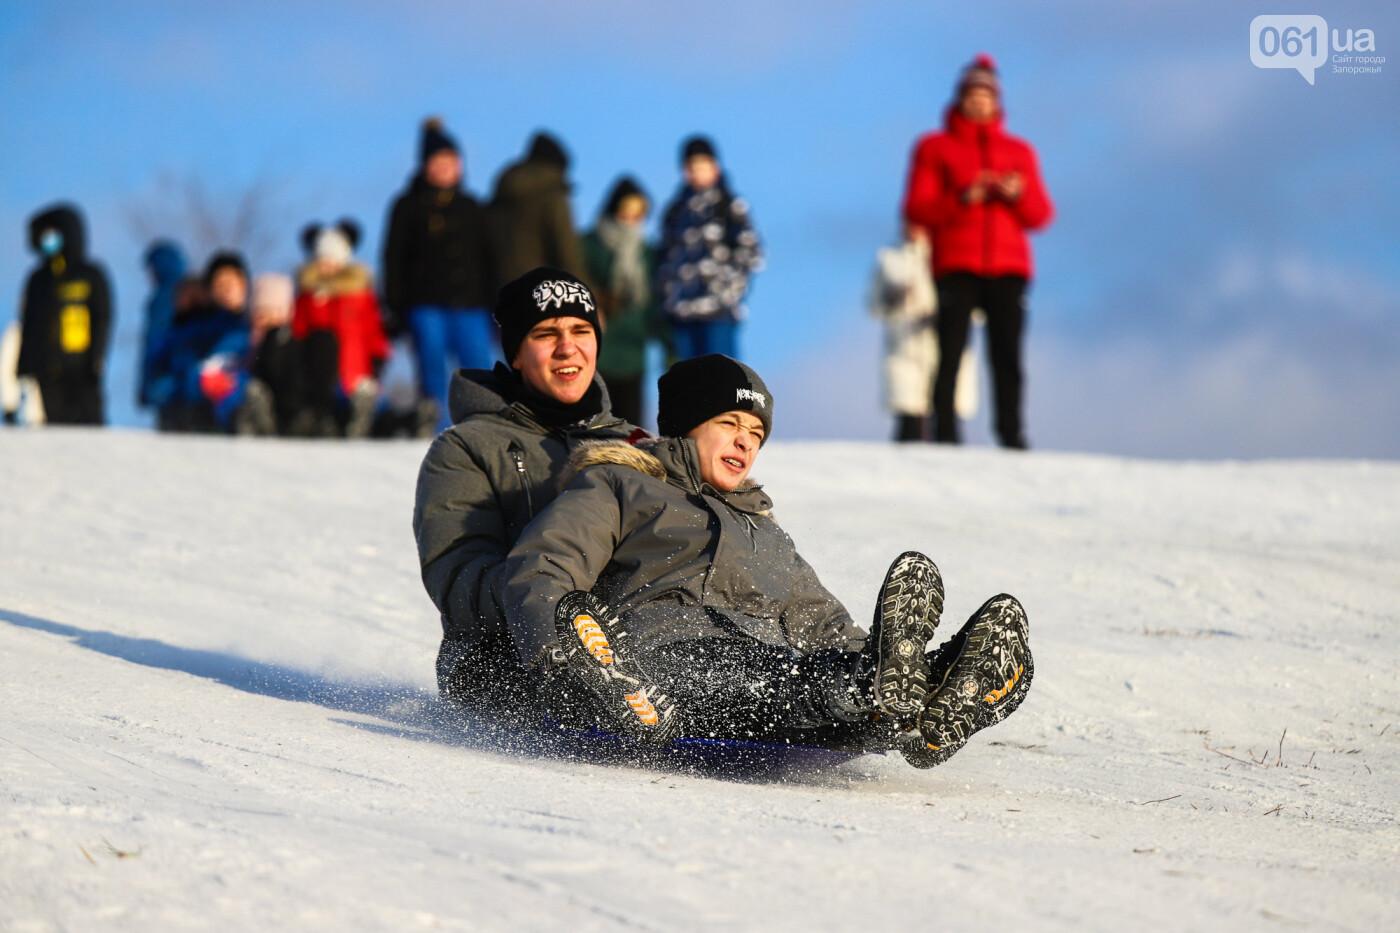 На санках, лыжах и сноуборде: запорожцы устроили массовое катание с горок в Вознесеновском парке, - ФОТОРЕПОРТАЖ, фото-49